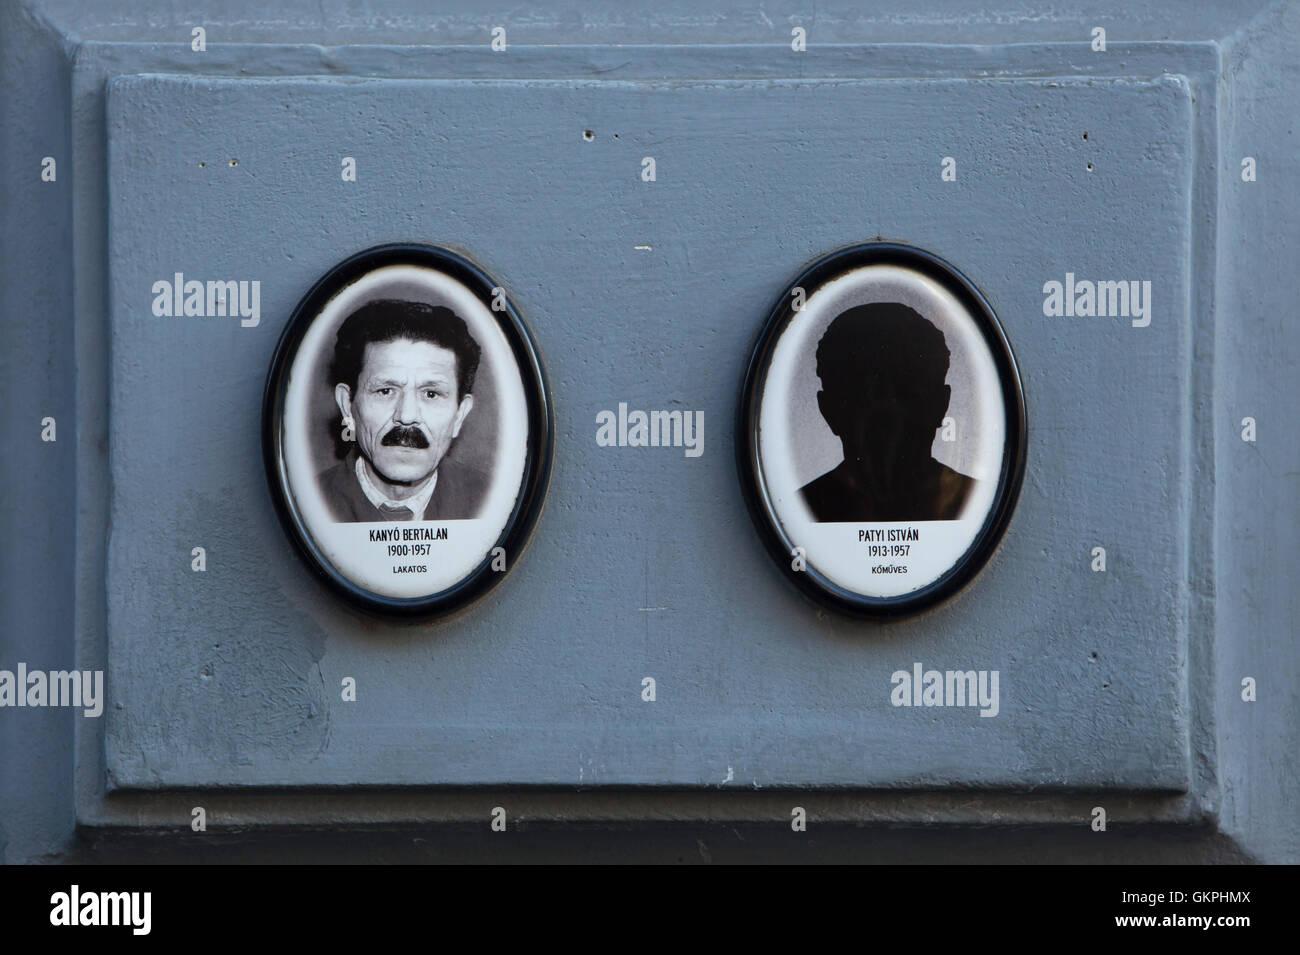 Los retratos de las víctimas del régimen comunista en el exterior de la Casa del Terror en Budapest, Hungría. Smith Bertalan Kanyo (1900-1957) se ilustra a la izquierda mientras albañil Istvan Patyi (1913-1957) no tiene ninguna fotografía. Foto de stock